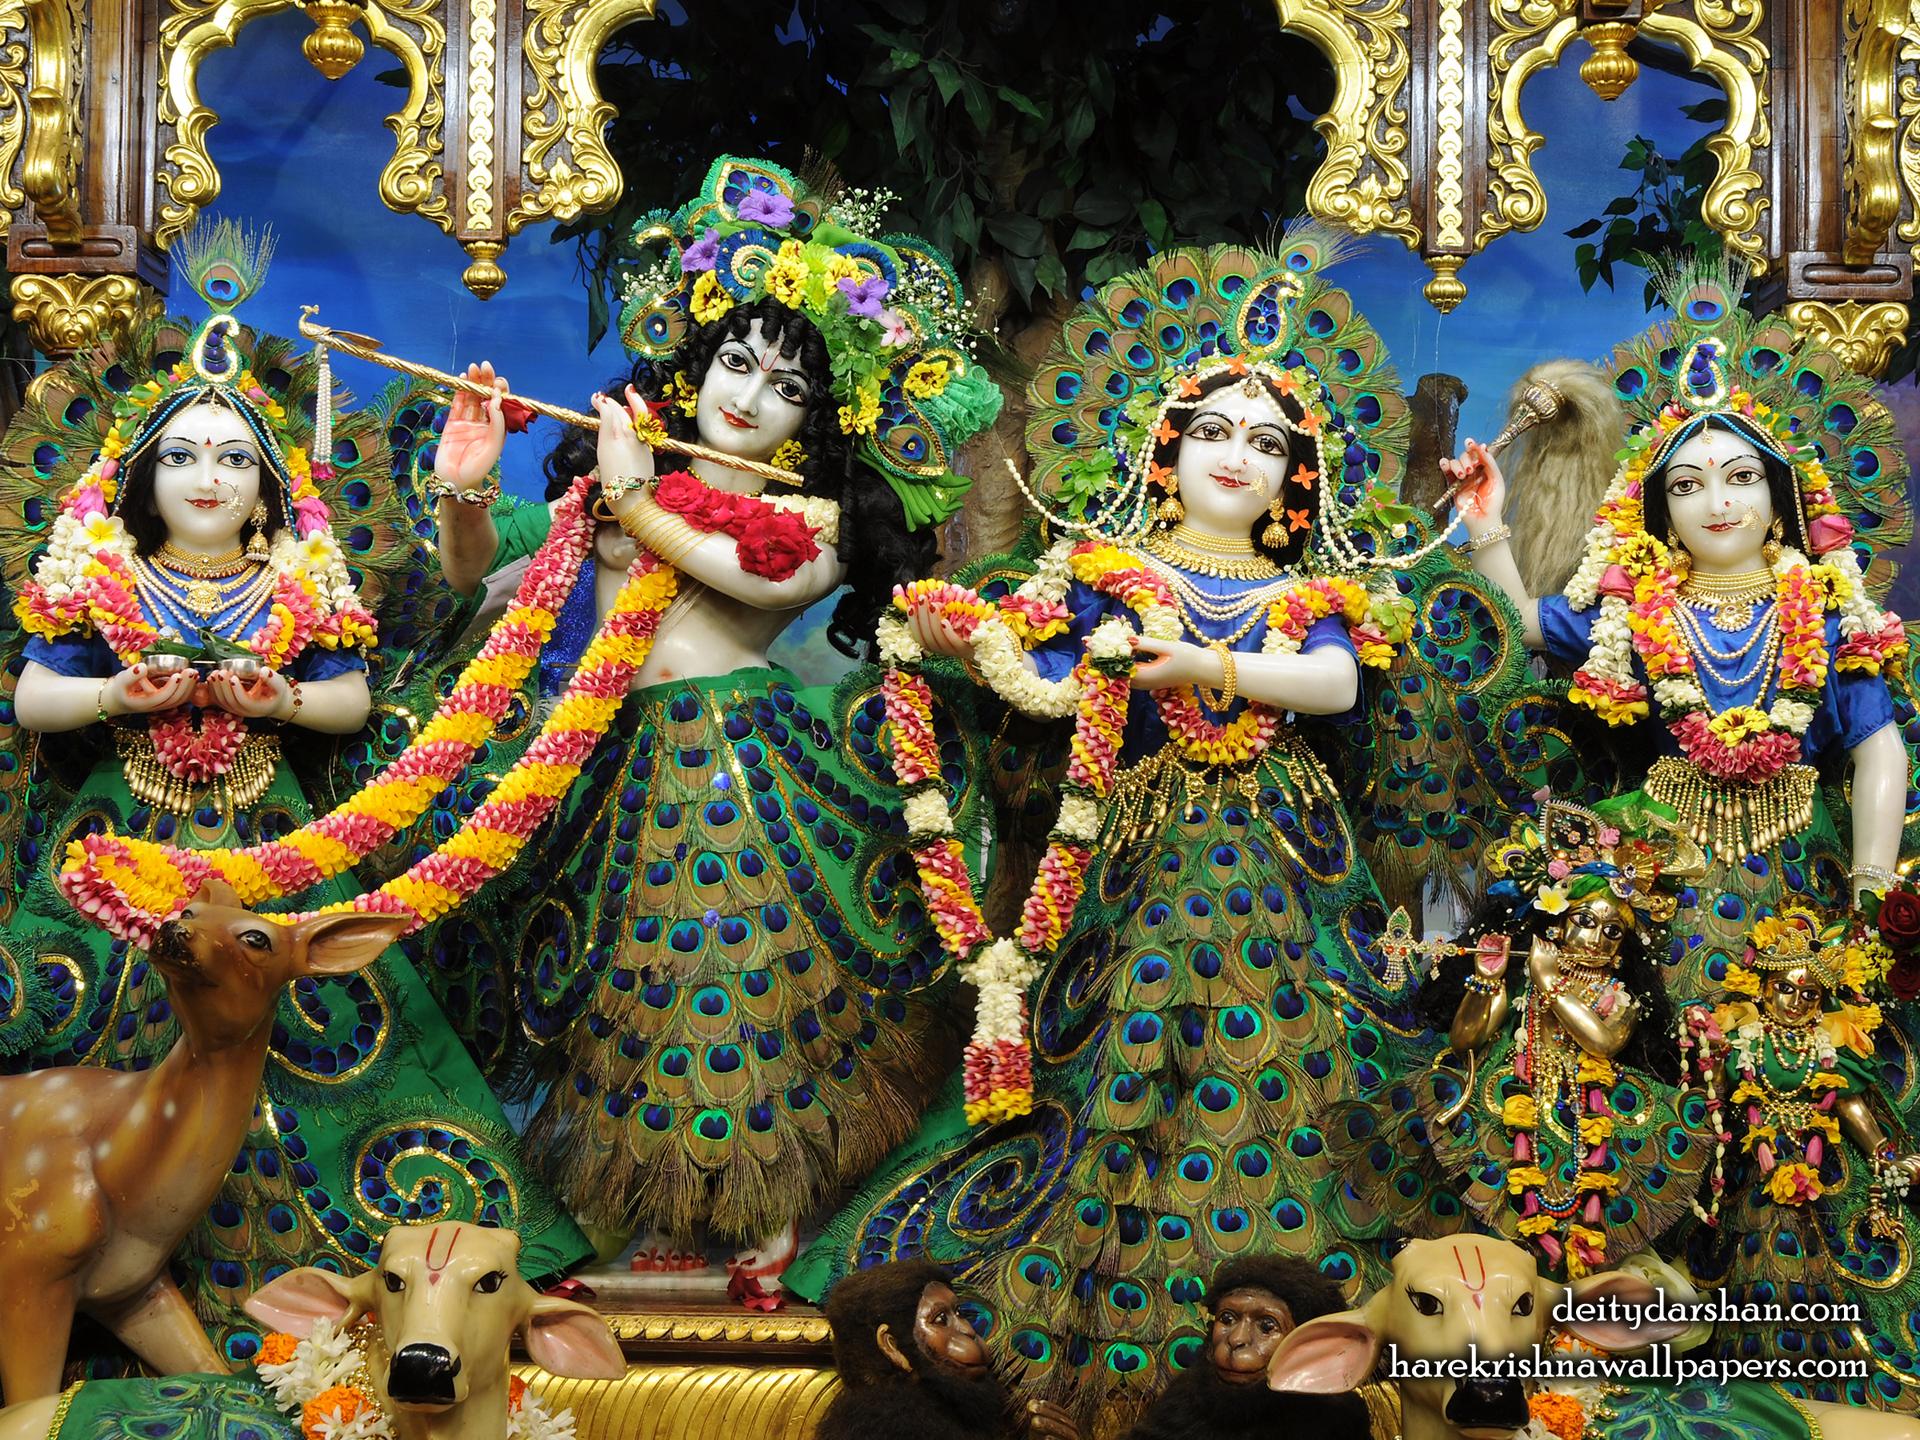 Sri Sri Radha Gopinath Lalita Vishakha Wallpaper (067) Size 1920x1440 Download